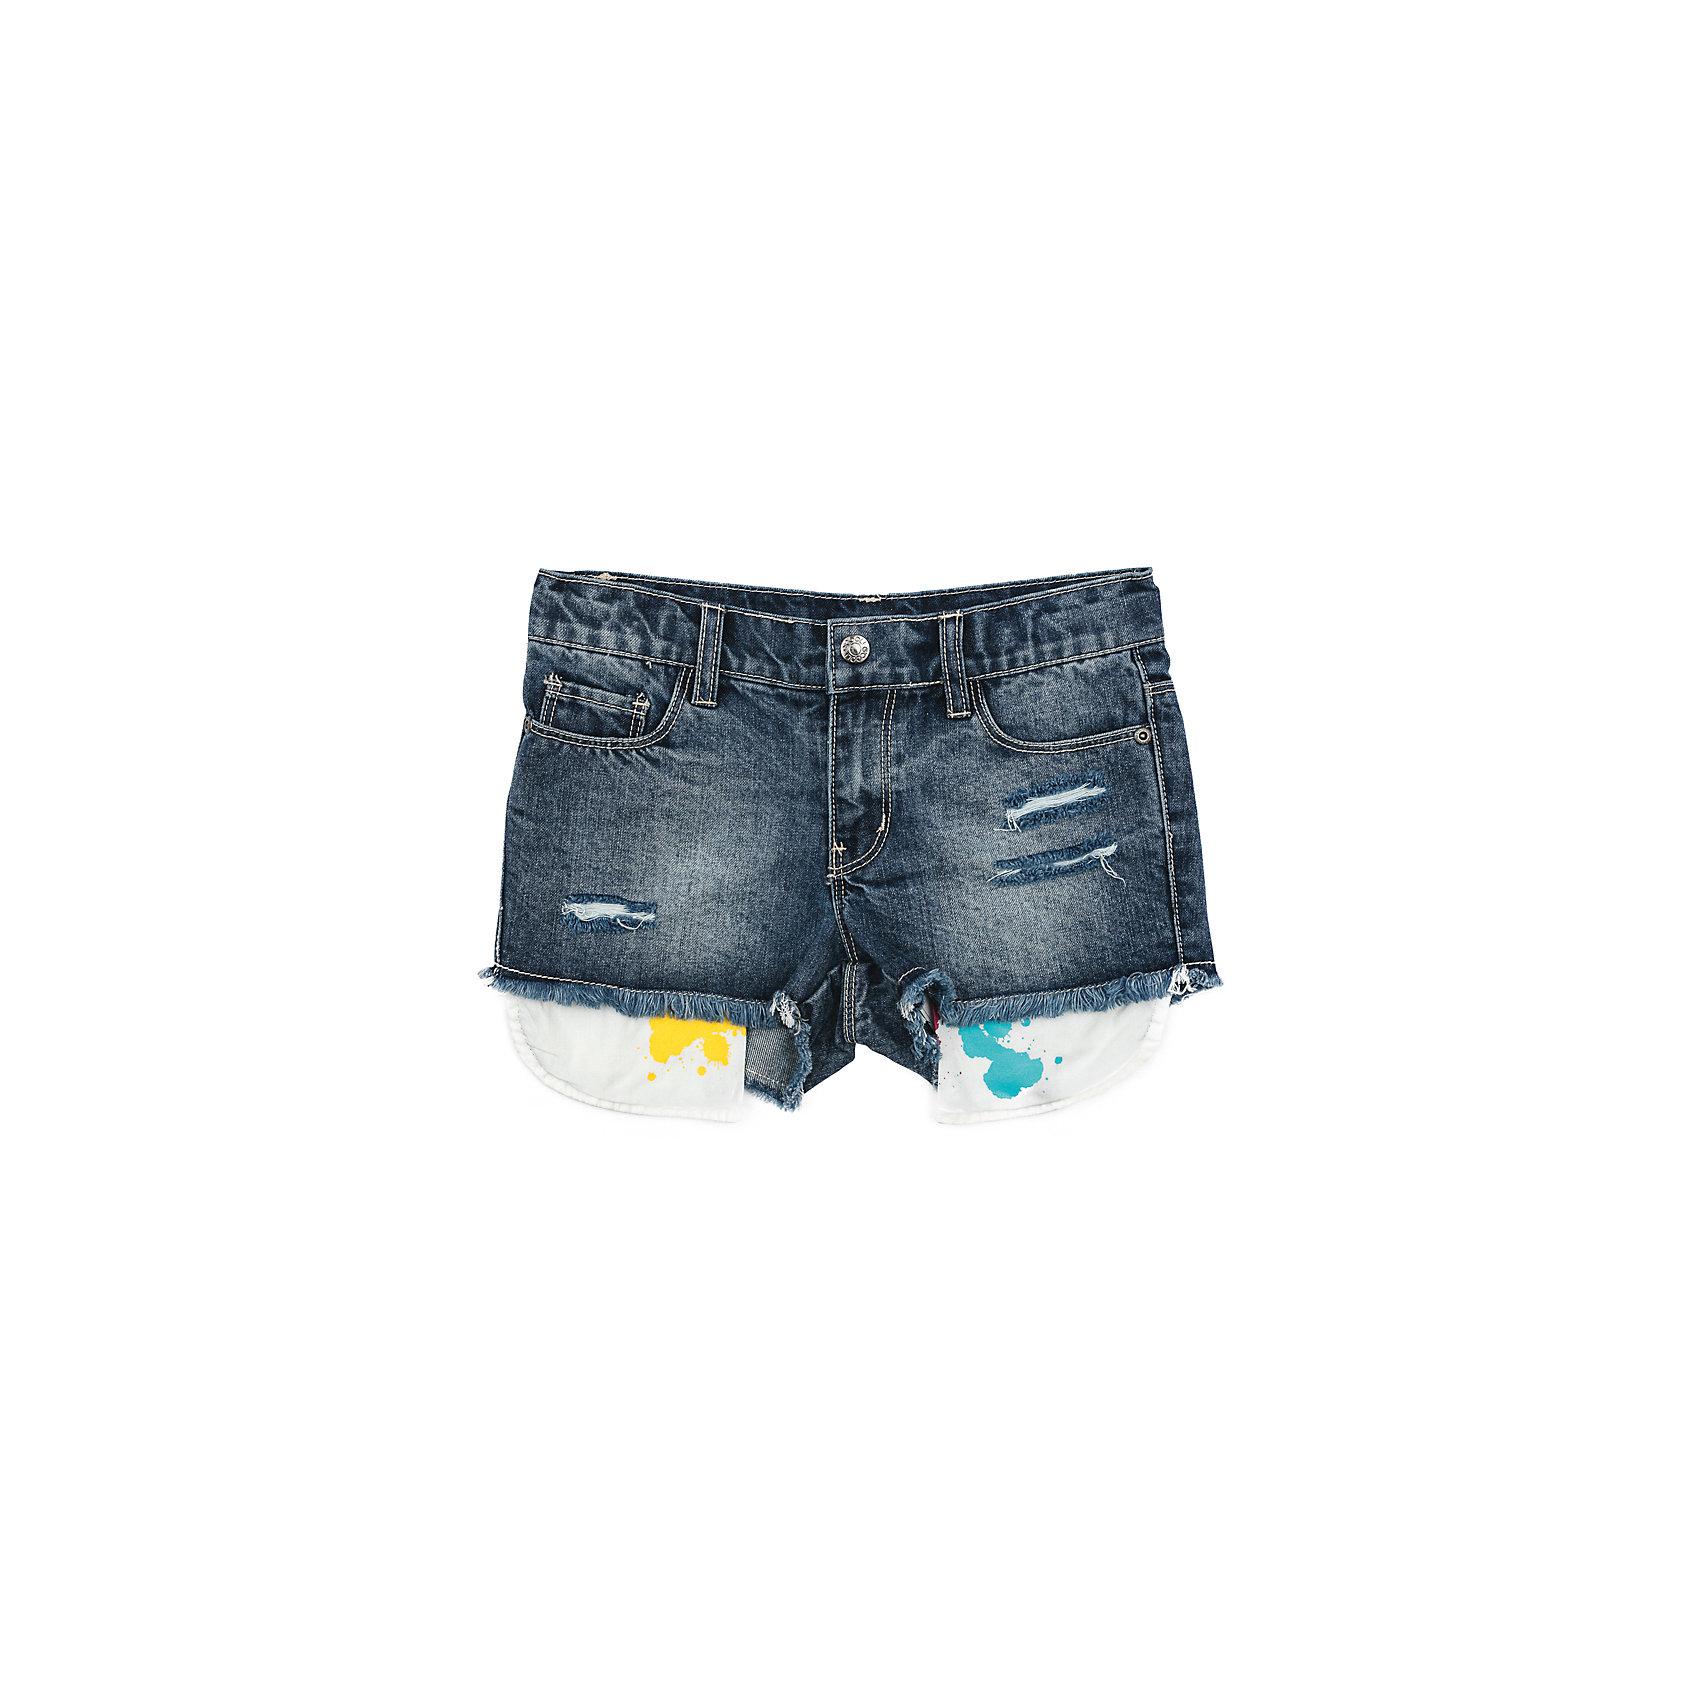 Шорты джинсовые для девочки ScoolДжинсовый бум<br>Шорты для девочки Scool<br>Шорты из натуральной джинсовой ткани с эффектом потертости, прорезями и выступающими изнутри карманами подойдут для отдыха и прогулок. Свободный крой не сковывает движений ребенка. Натуральный материал приятен к телу и не вызывает раздражений. Модель со шлевками. Карманы декорированы эффектом разбрызганных красокПреимущества: Свободный крой не сковывает движения ребенкаМягкий материал приятен к телу и не вызывает раздражений<br>Состав:<br>100% хлопок<br><br>Ширина мм: 191<br>Глубина мм: 10<br>Высота мм: 175<br>Вес г: 273<br>Цвет: синий<br>Возраст от месяцев: 156<br>Возраст до месяцев: 168<br>Пол: Женский<br>Возраст: Детский<br>Размер: 164,146,134,140,152,158<br>SKU: 5407022